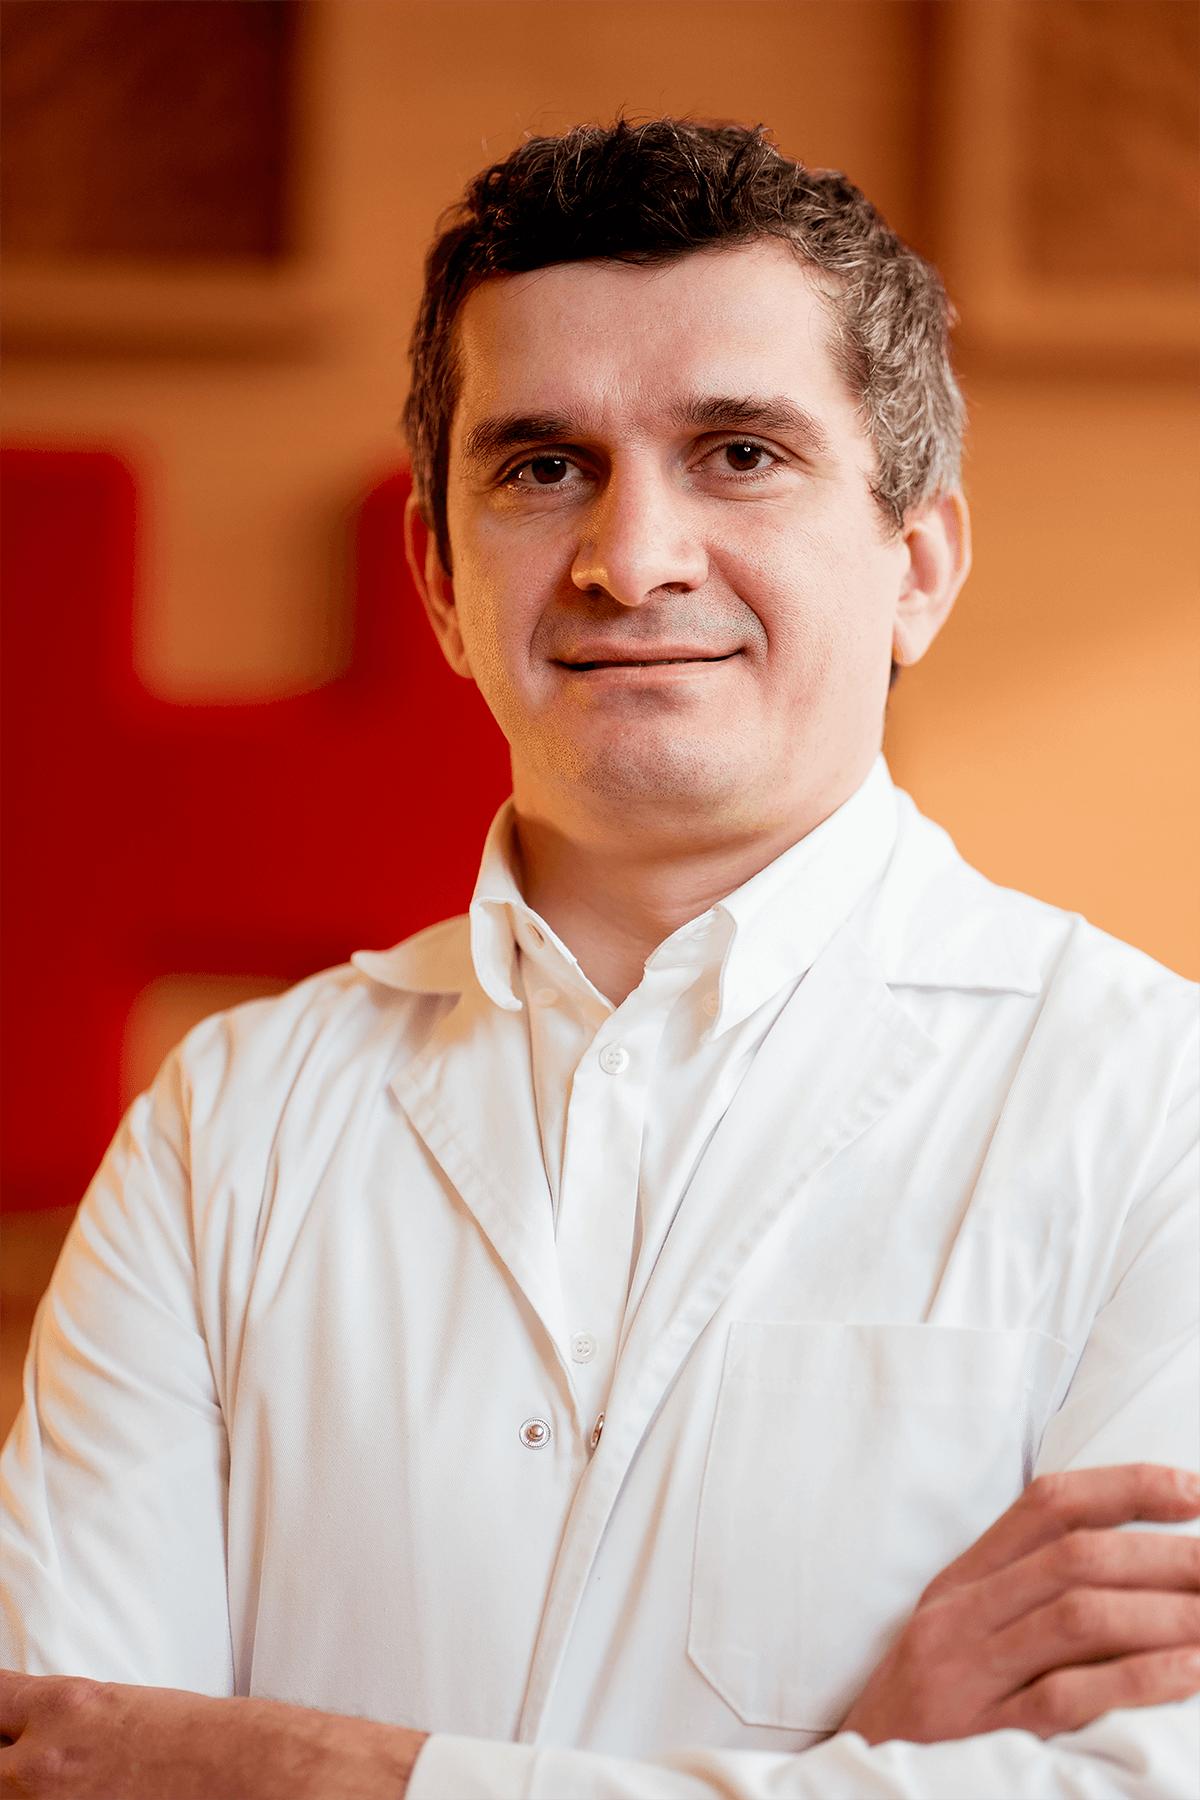 Dr. Ionuţ Gobej